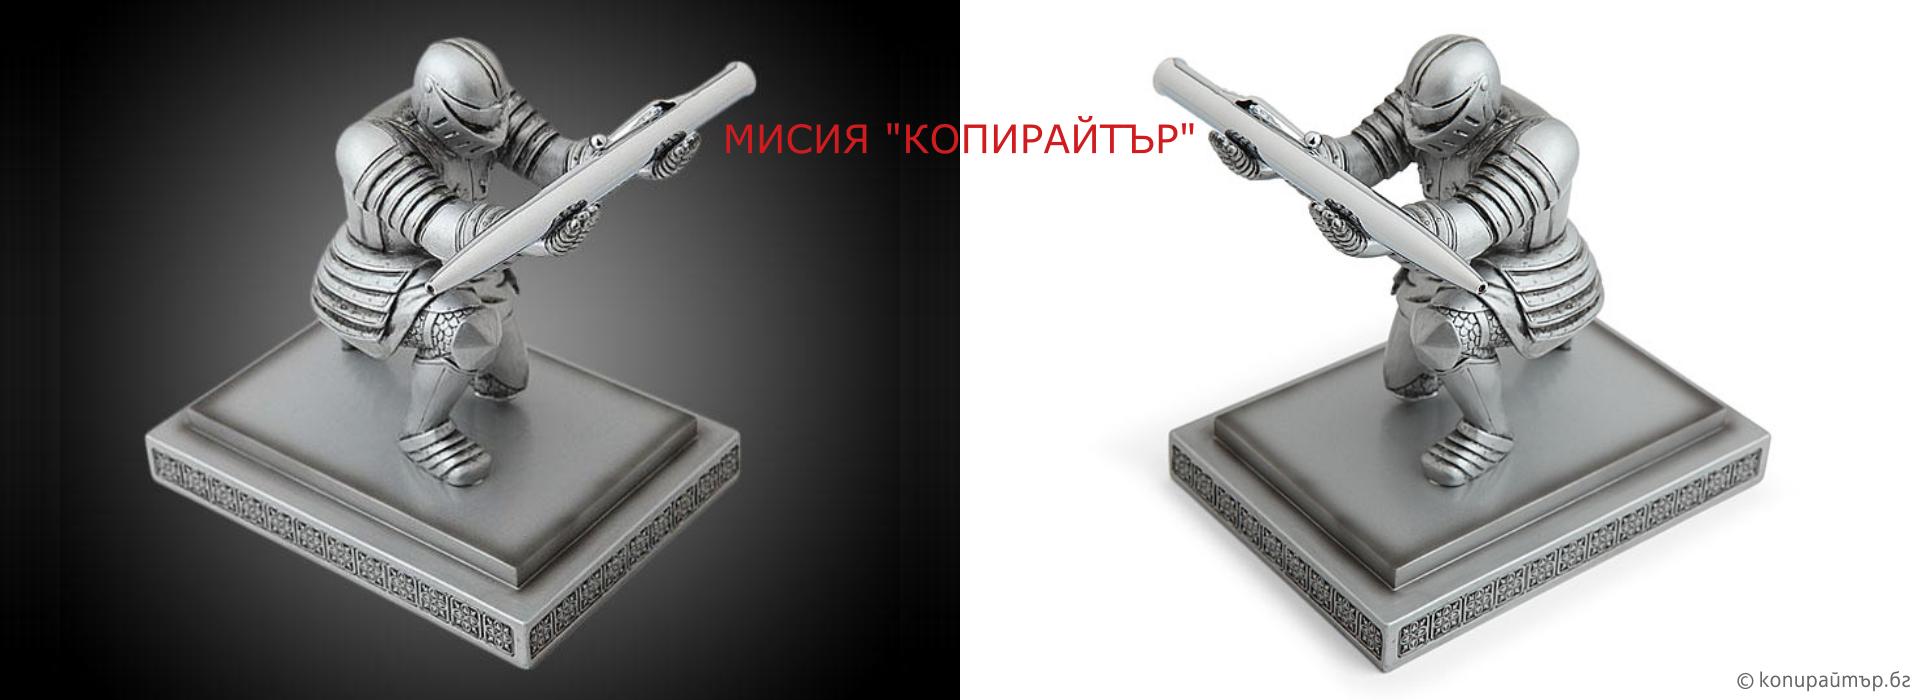 Слайдър Копирайтър.бг 03